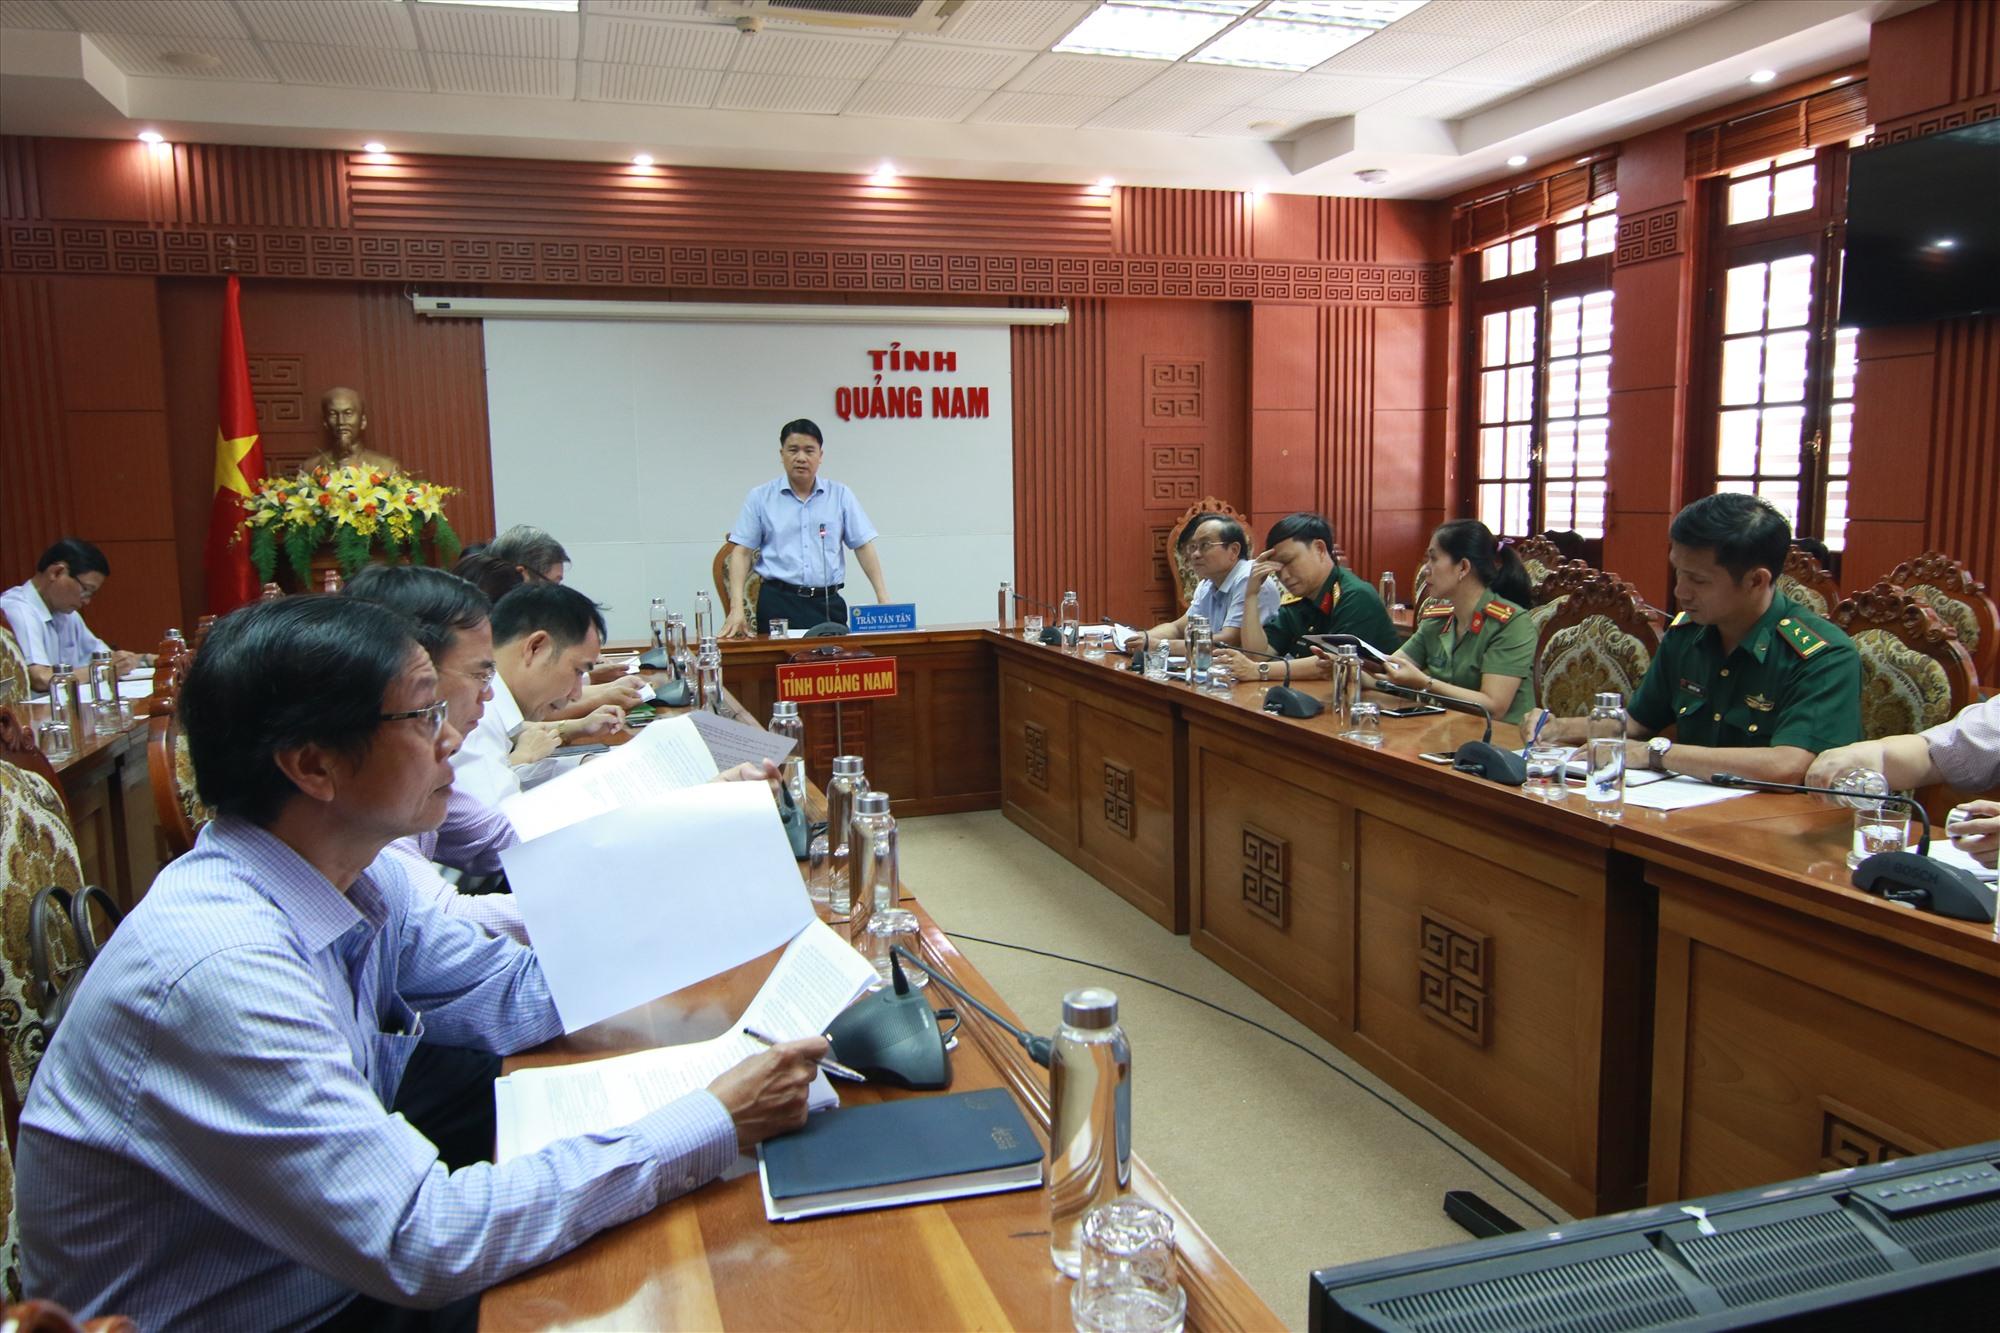 Phó Chủ tịch UBND tỉnh Trần Văn Tân khẳng định, phải song hành nhiệm vụ phát triển sản xuất kinh doanh với phòng chống dịch bệnh. Ảnh: T.C